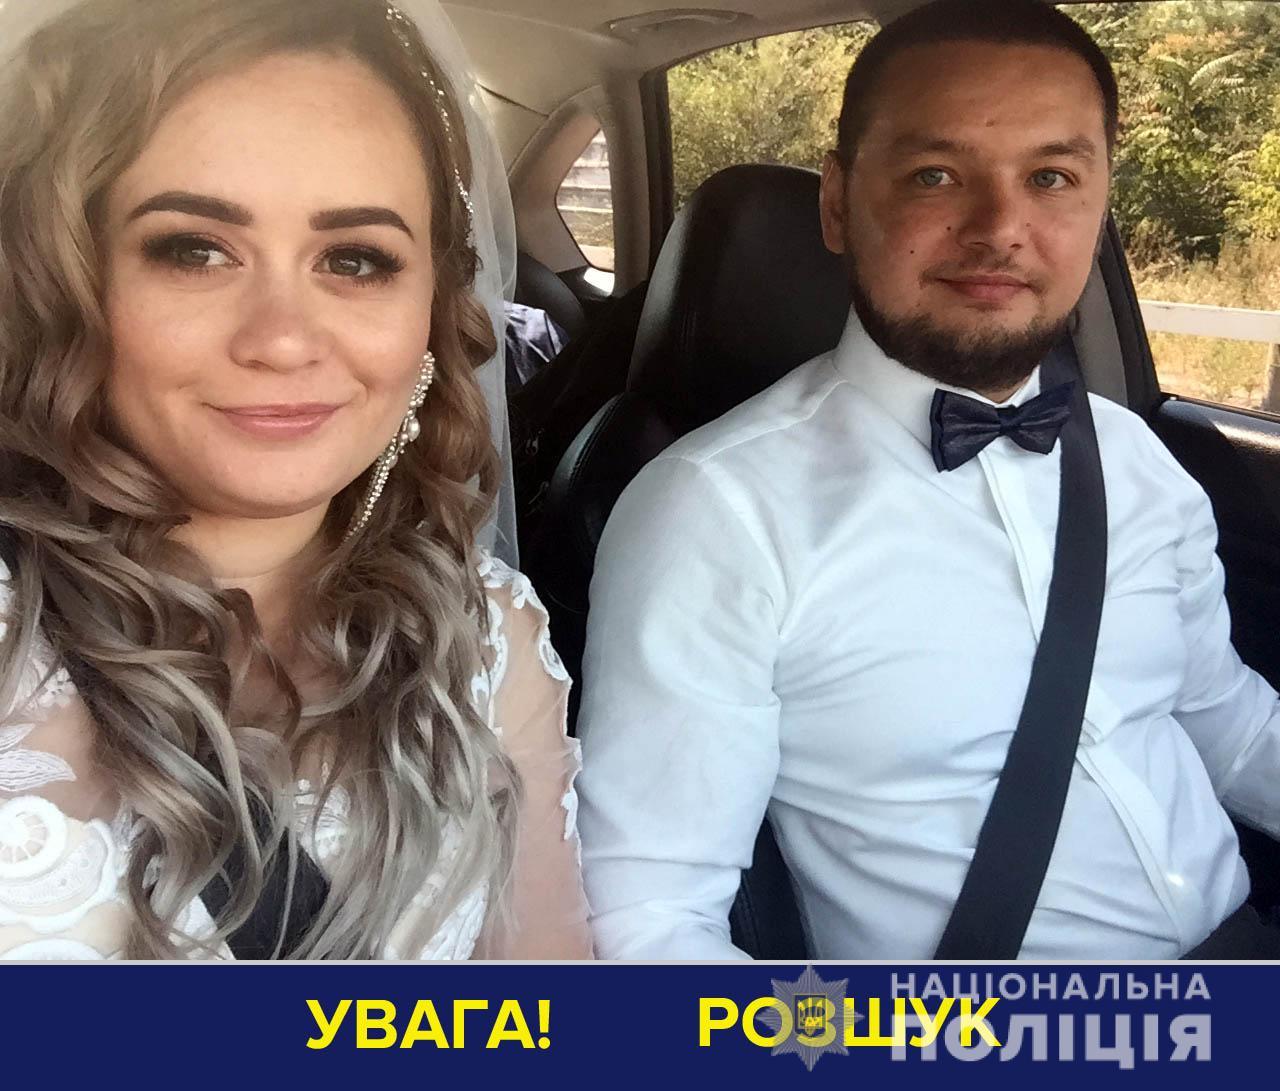 Поліцейські розшукують подружжя, яке організувало у двох містах порностудії